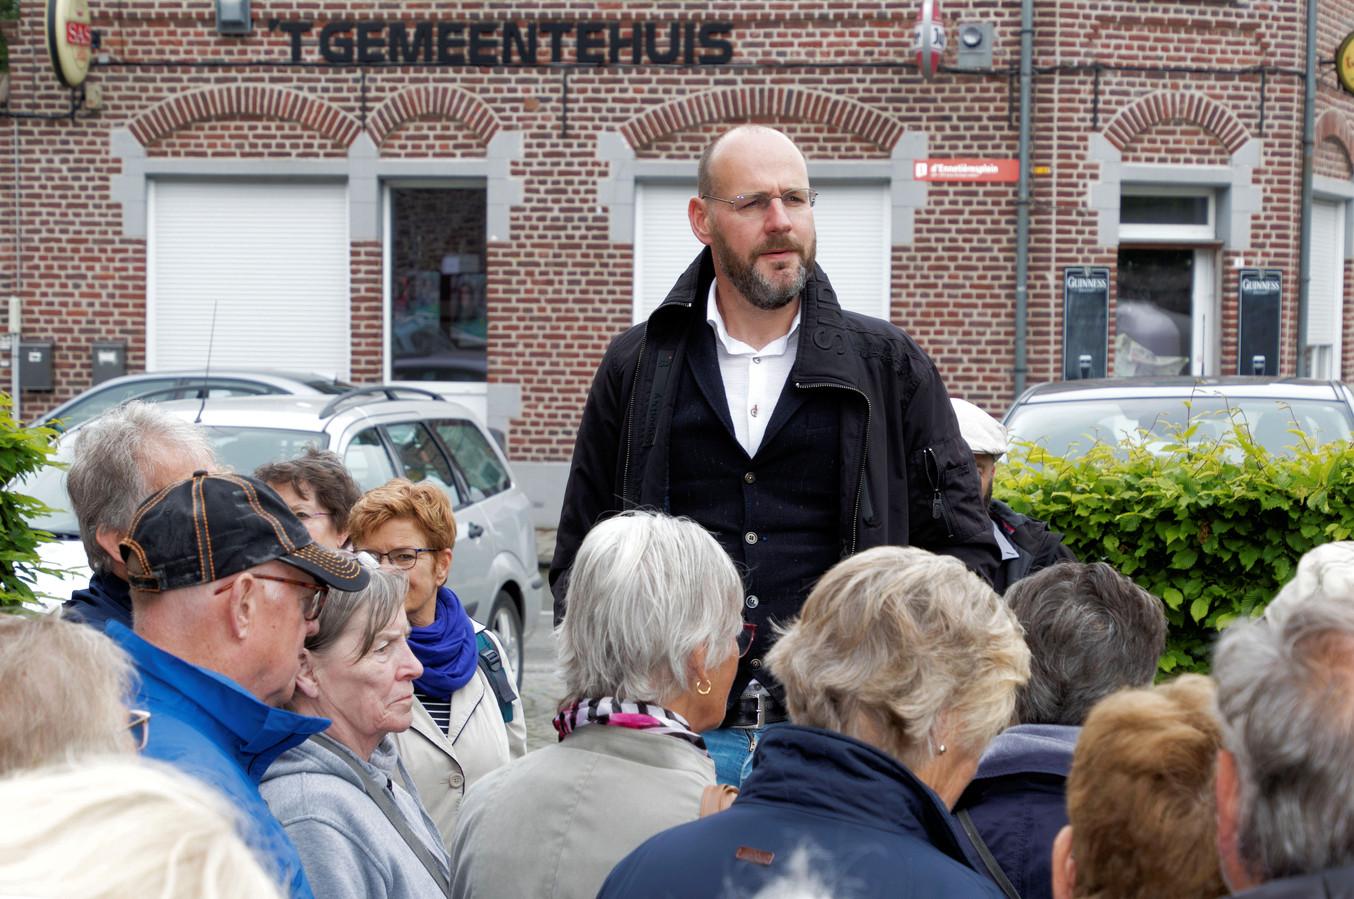 Jan Vantoortelboom op zijn lezerstoer in Elverdinge 3 - foto Carel Bruring